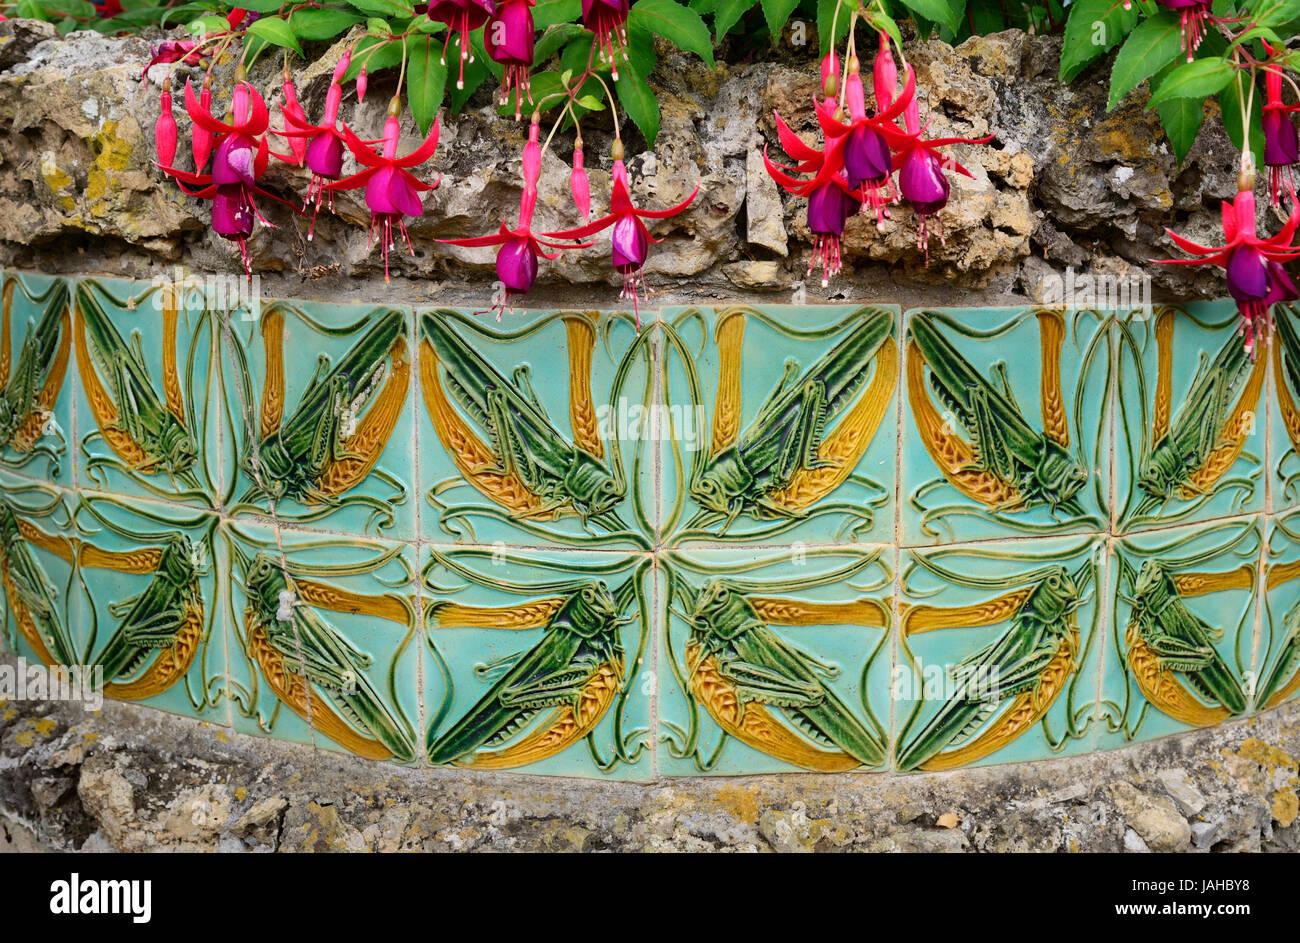 Tiles by Rafael Bordalo Pinheiro at the gardens of the Ceramics Museum (Museu da Cerâmica). Caldas da Rainha, - Stock Image